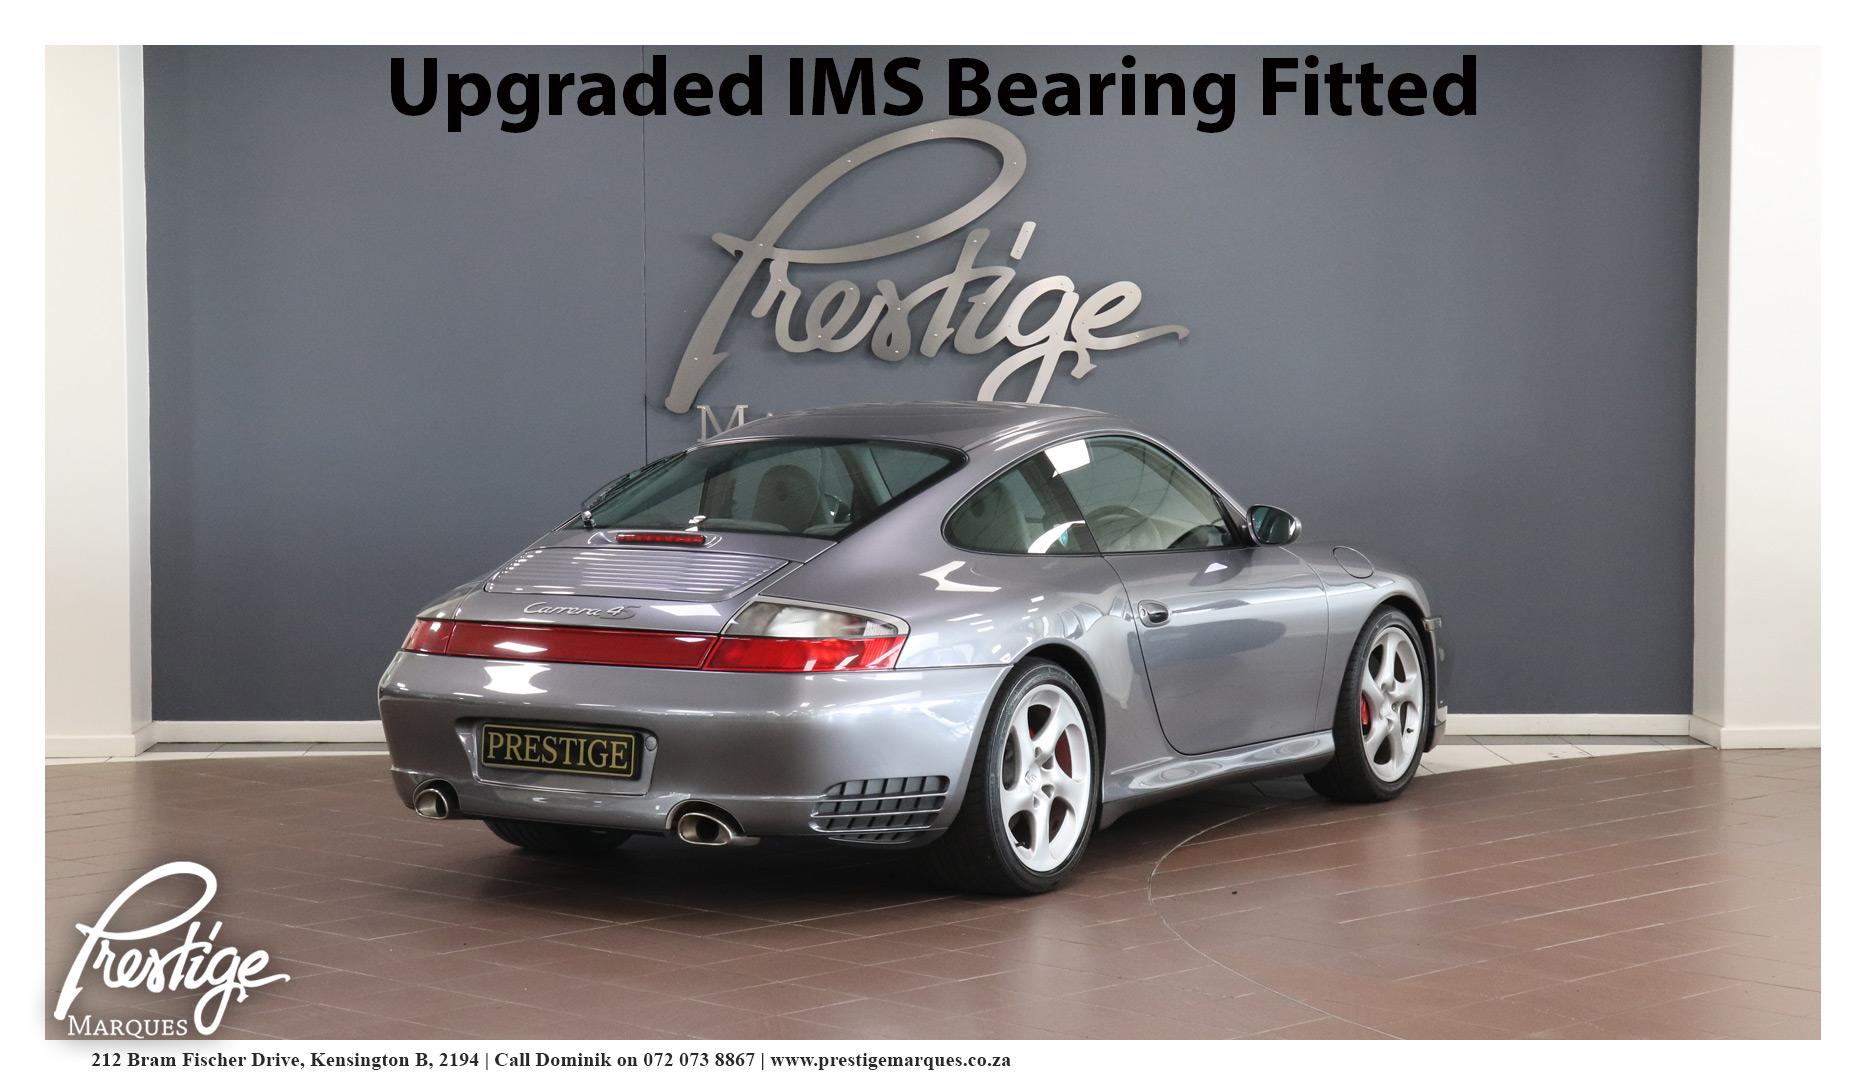 2005-Porsche-911-996-4s-Coupe-Manual-Prestige-Marques-Randburg-Sandton-4